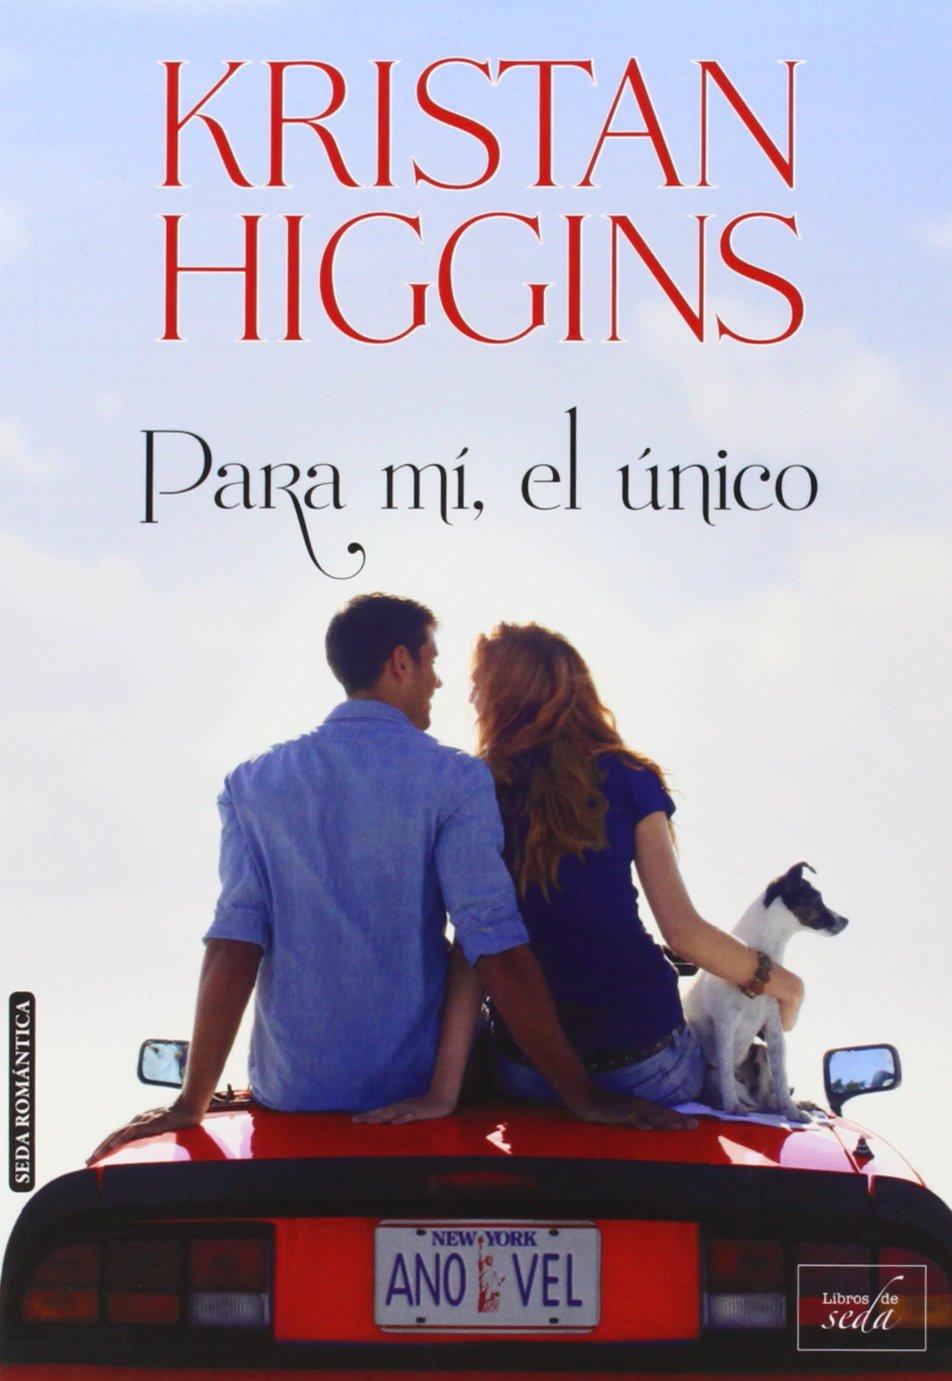 Para mí, el único - Kristan Higgins